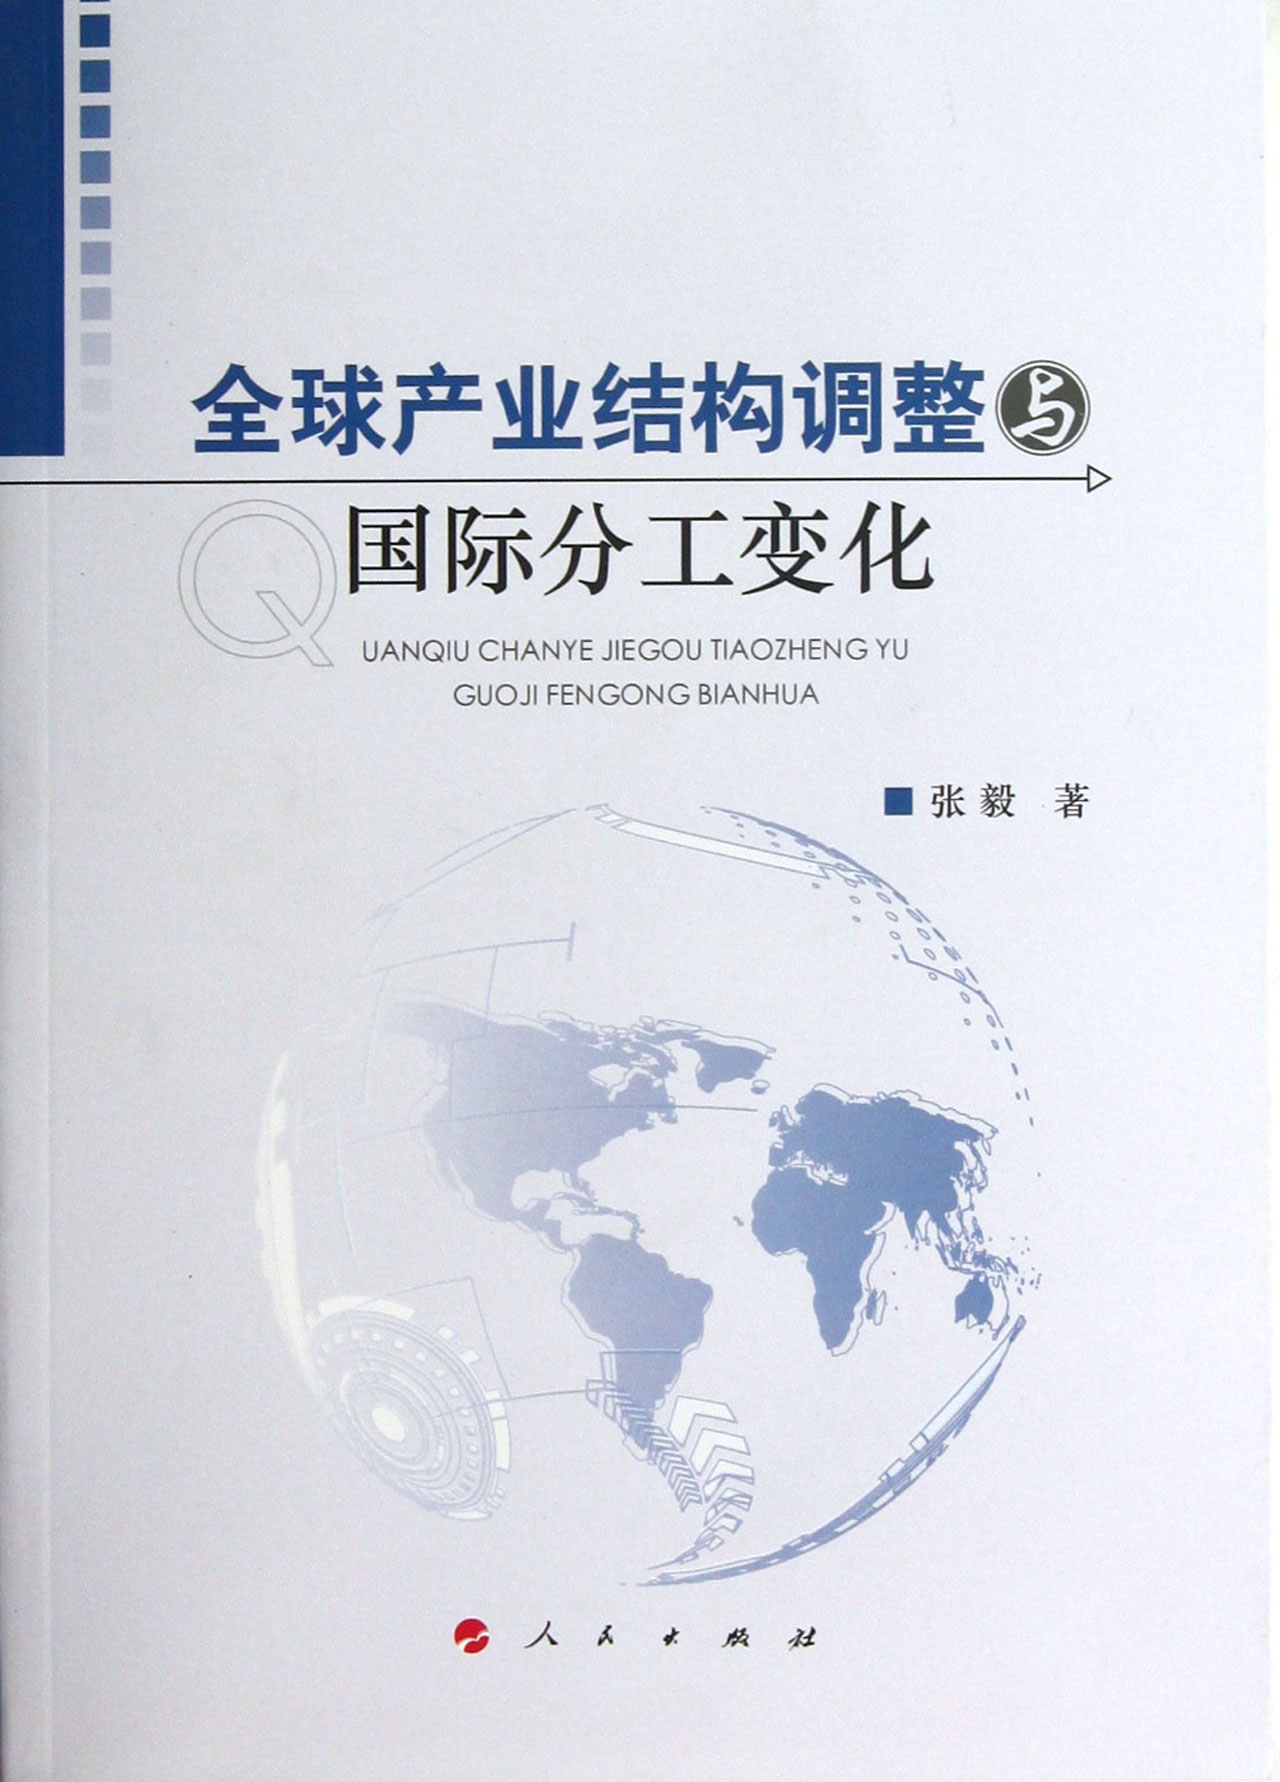 全球产业结构调整与国际分工变化